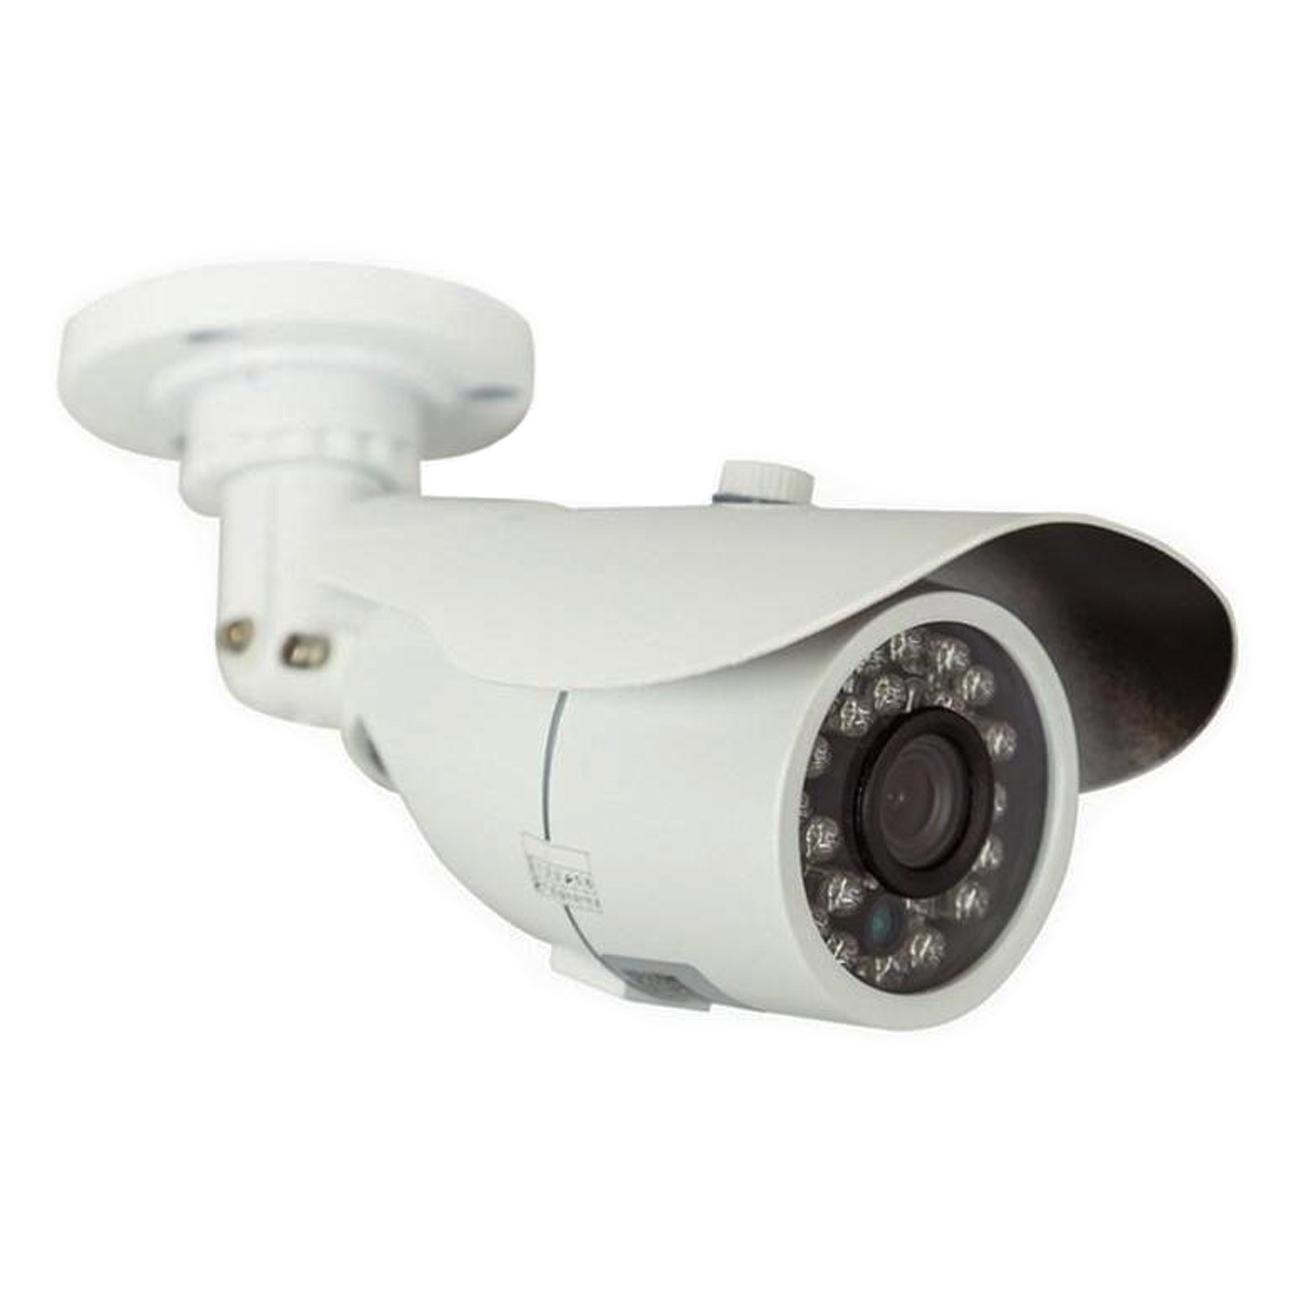 Фото Цилиндрическая уличная камера AHD Rexant 2.0 Мп (1080P), ИК до 20 м {45-0261}